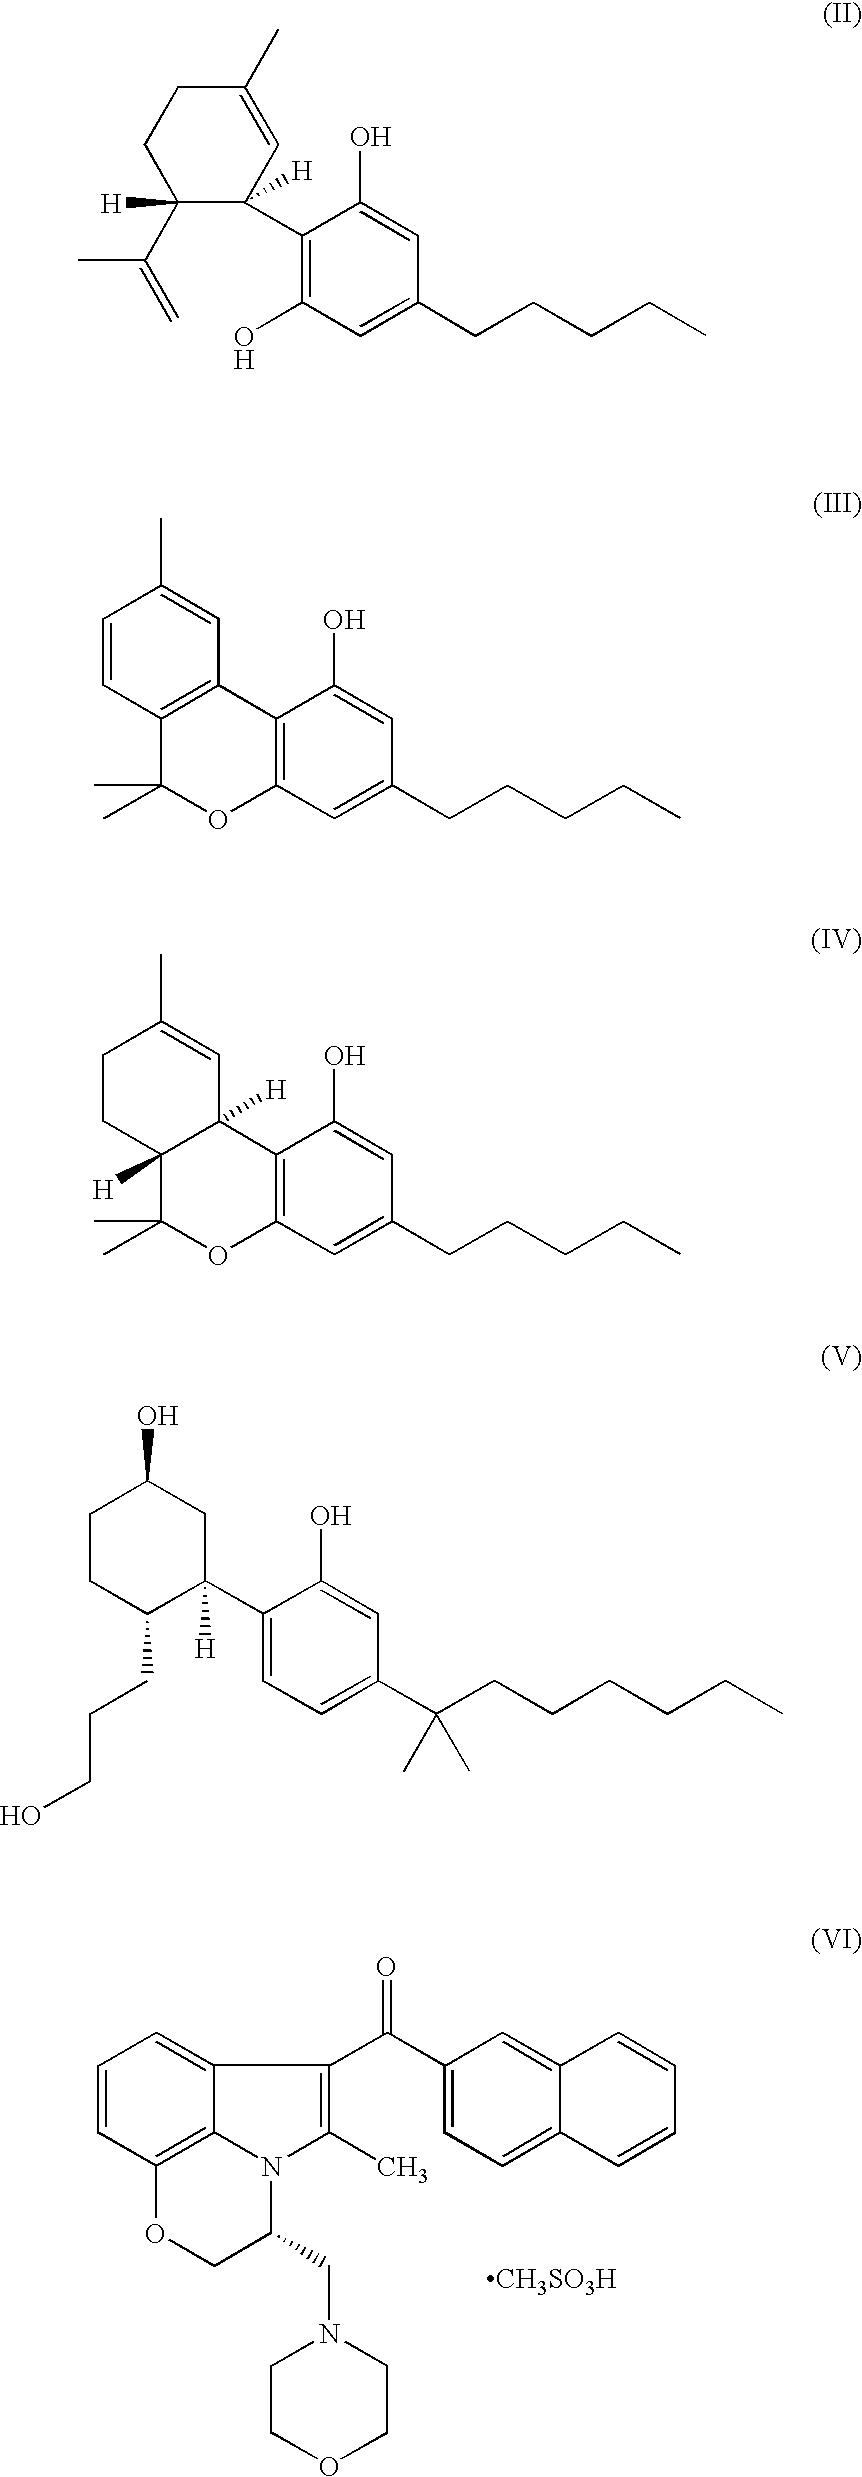 Figure US20100204312A1-20100812-C00022